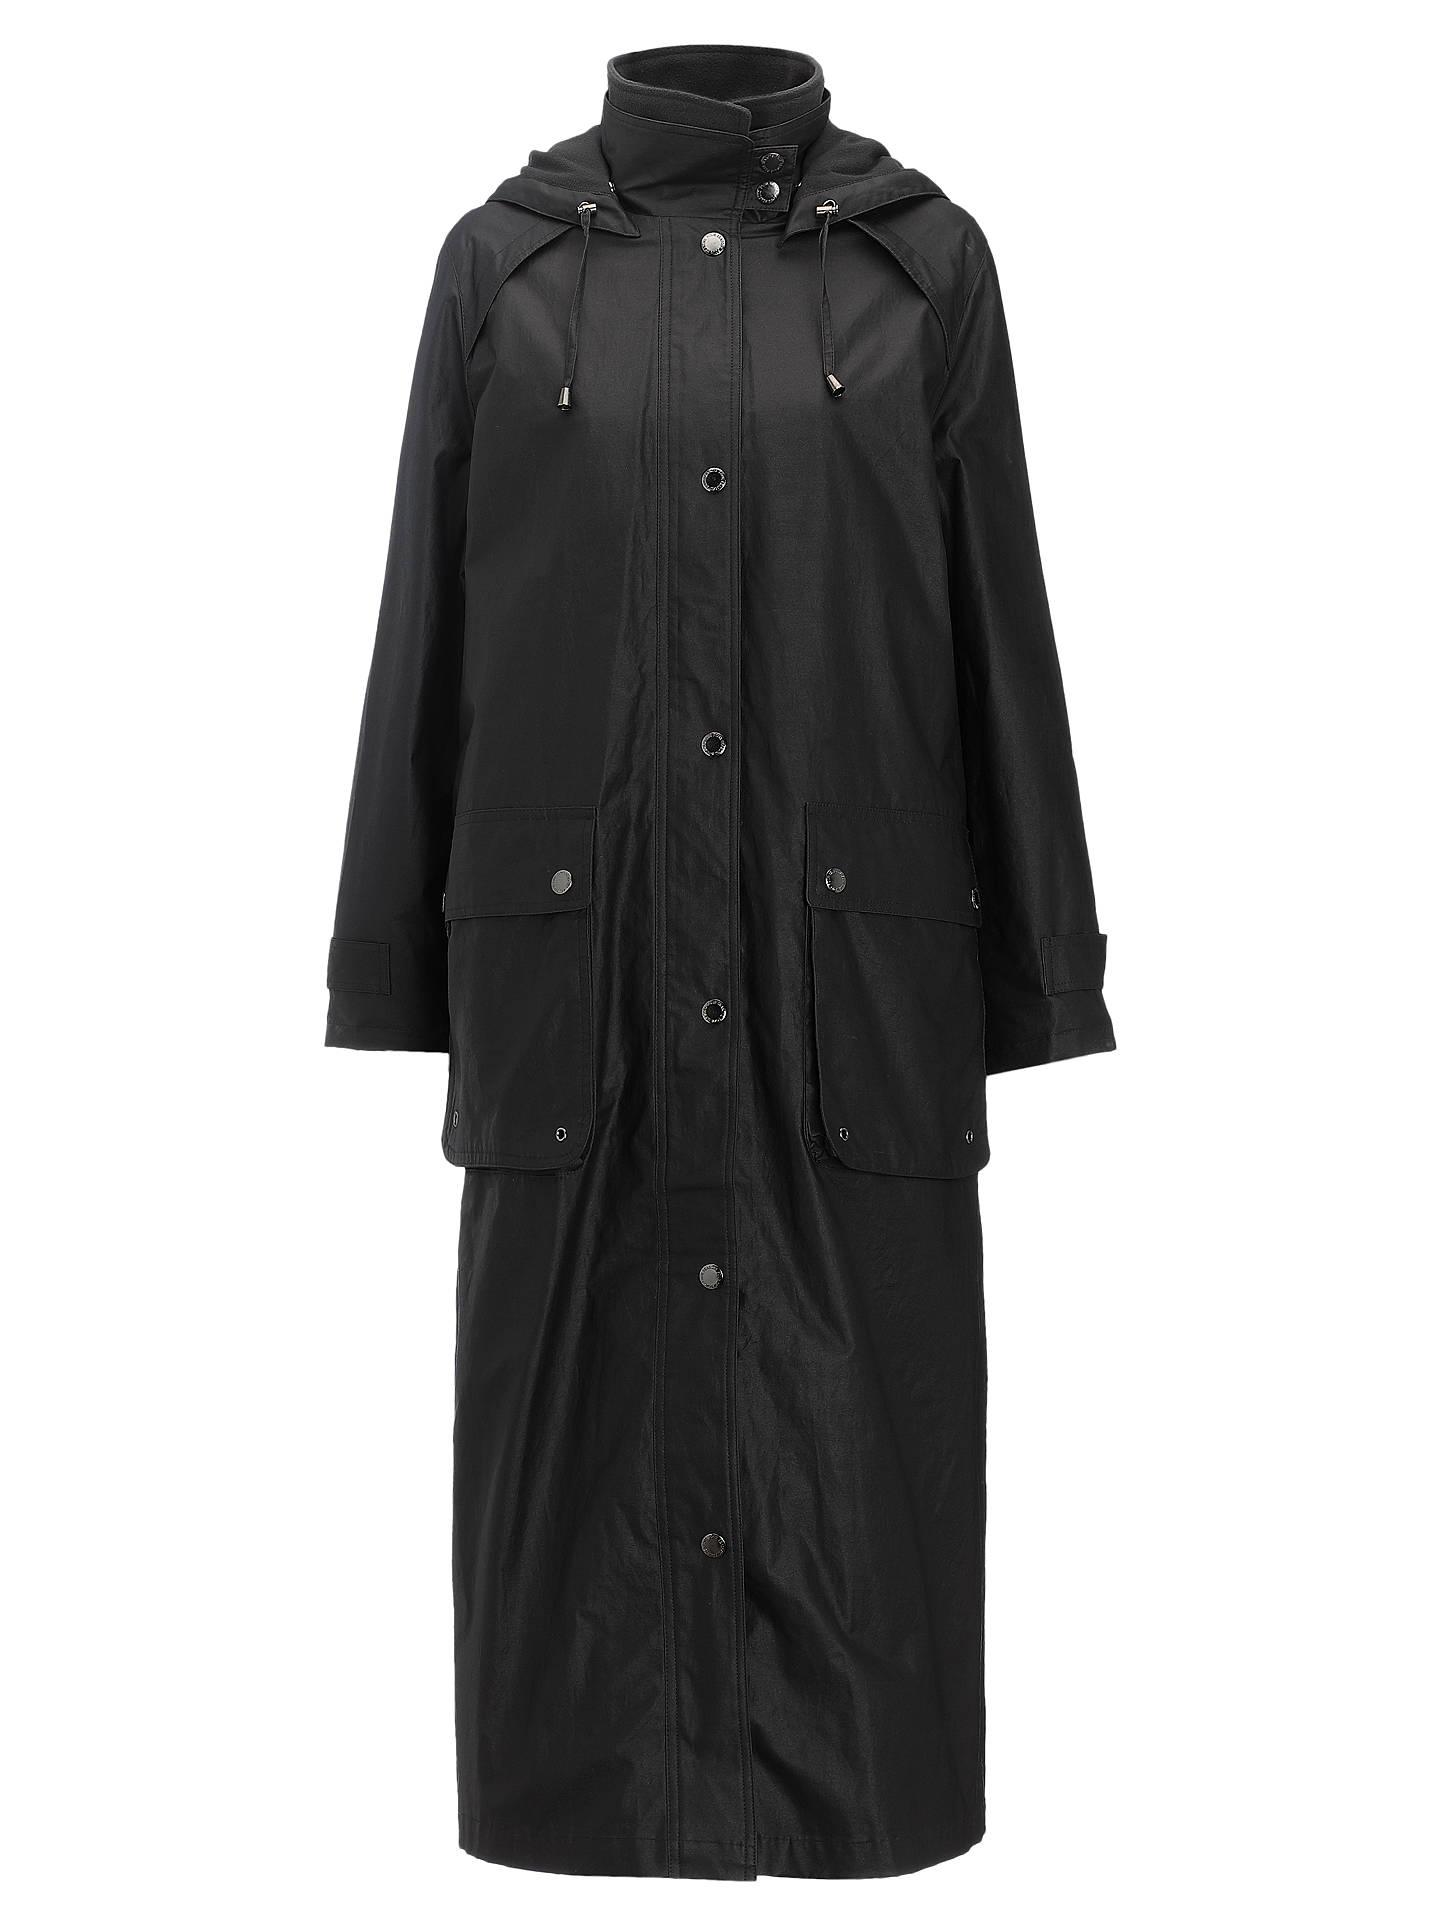 Four Seasons Wax Coat, Black   Coats for women, Fashion, Coat